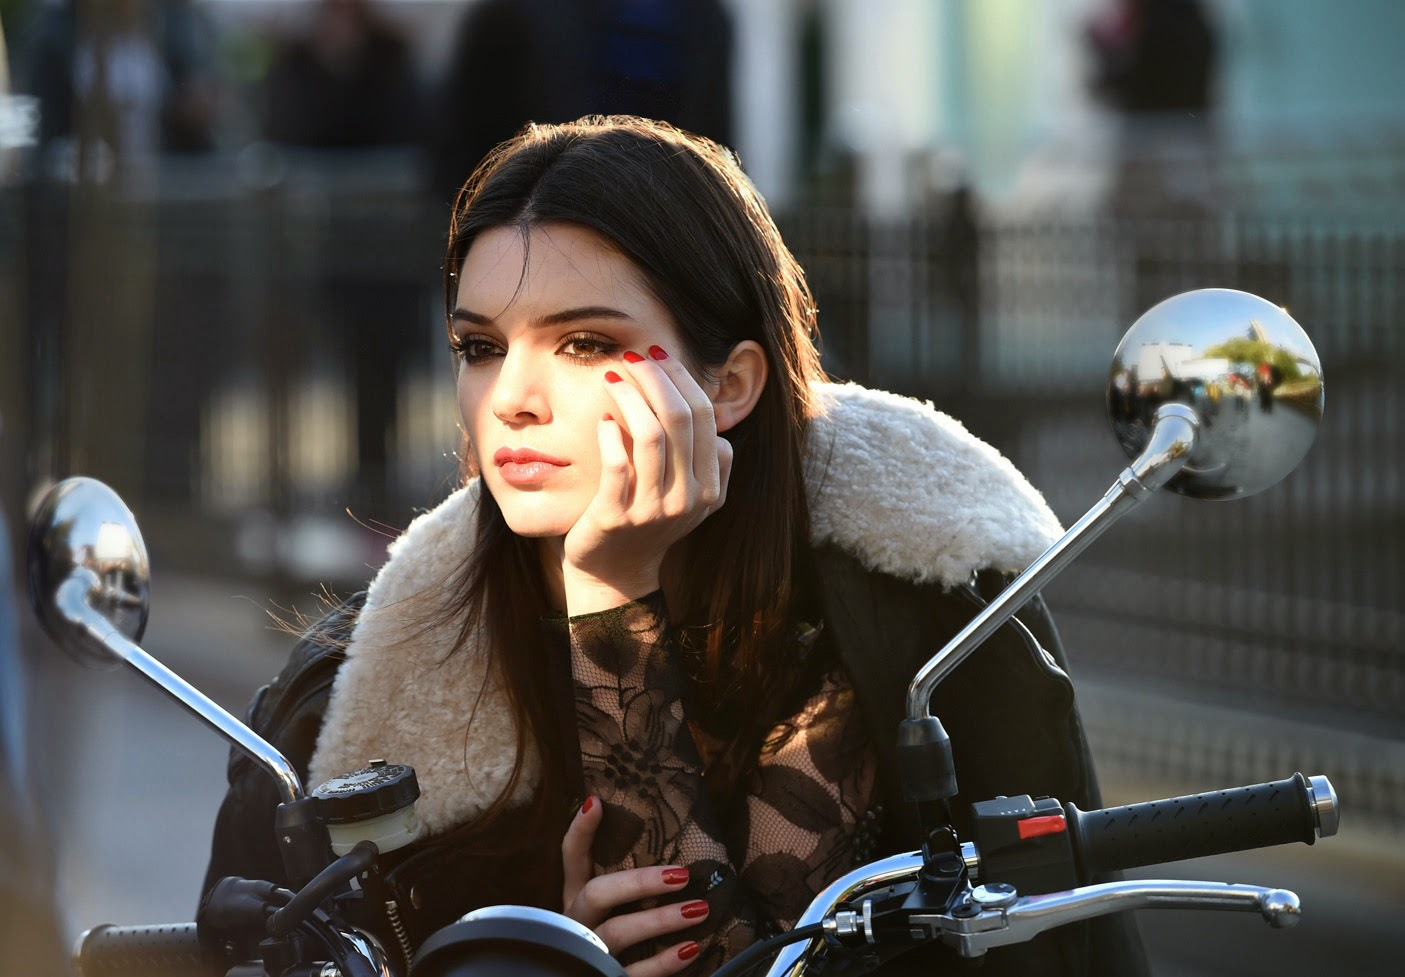 Kendall Jenner for Estee Lauder 2015